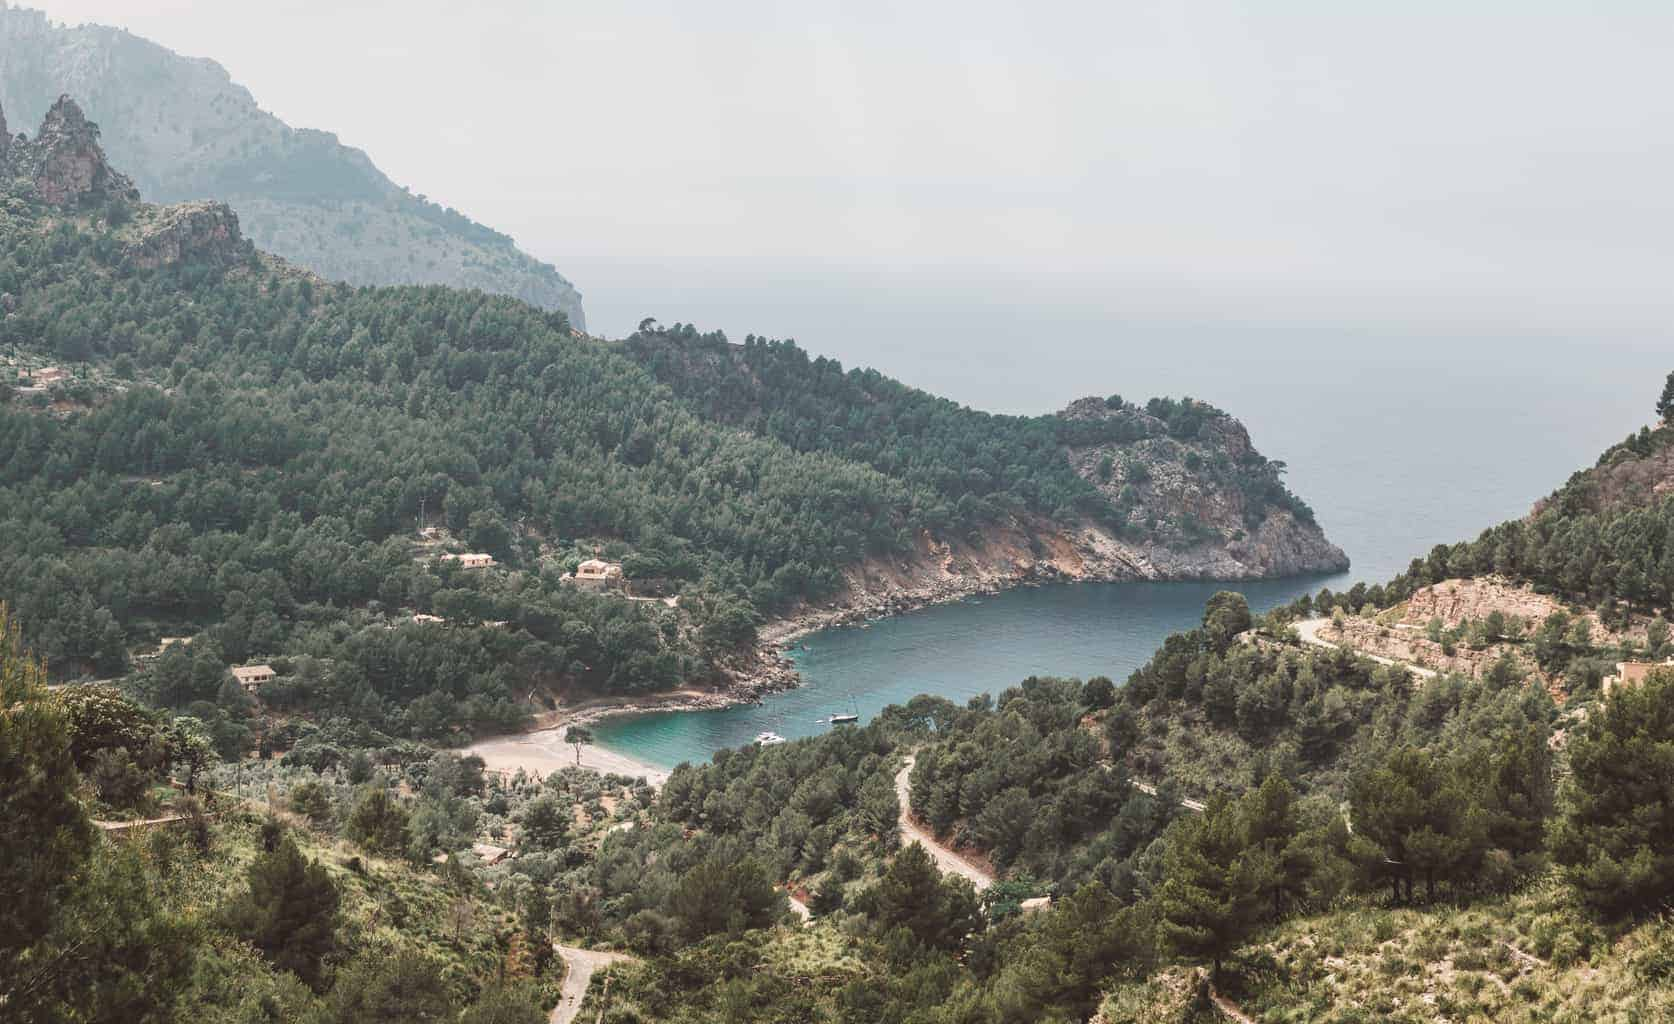 Cala Tuent in Mallorca